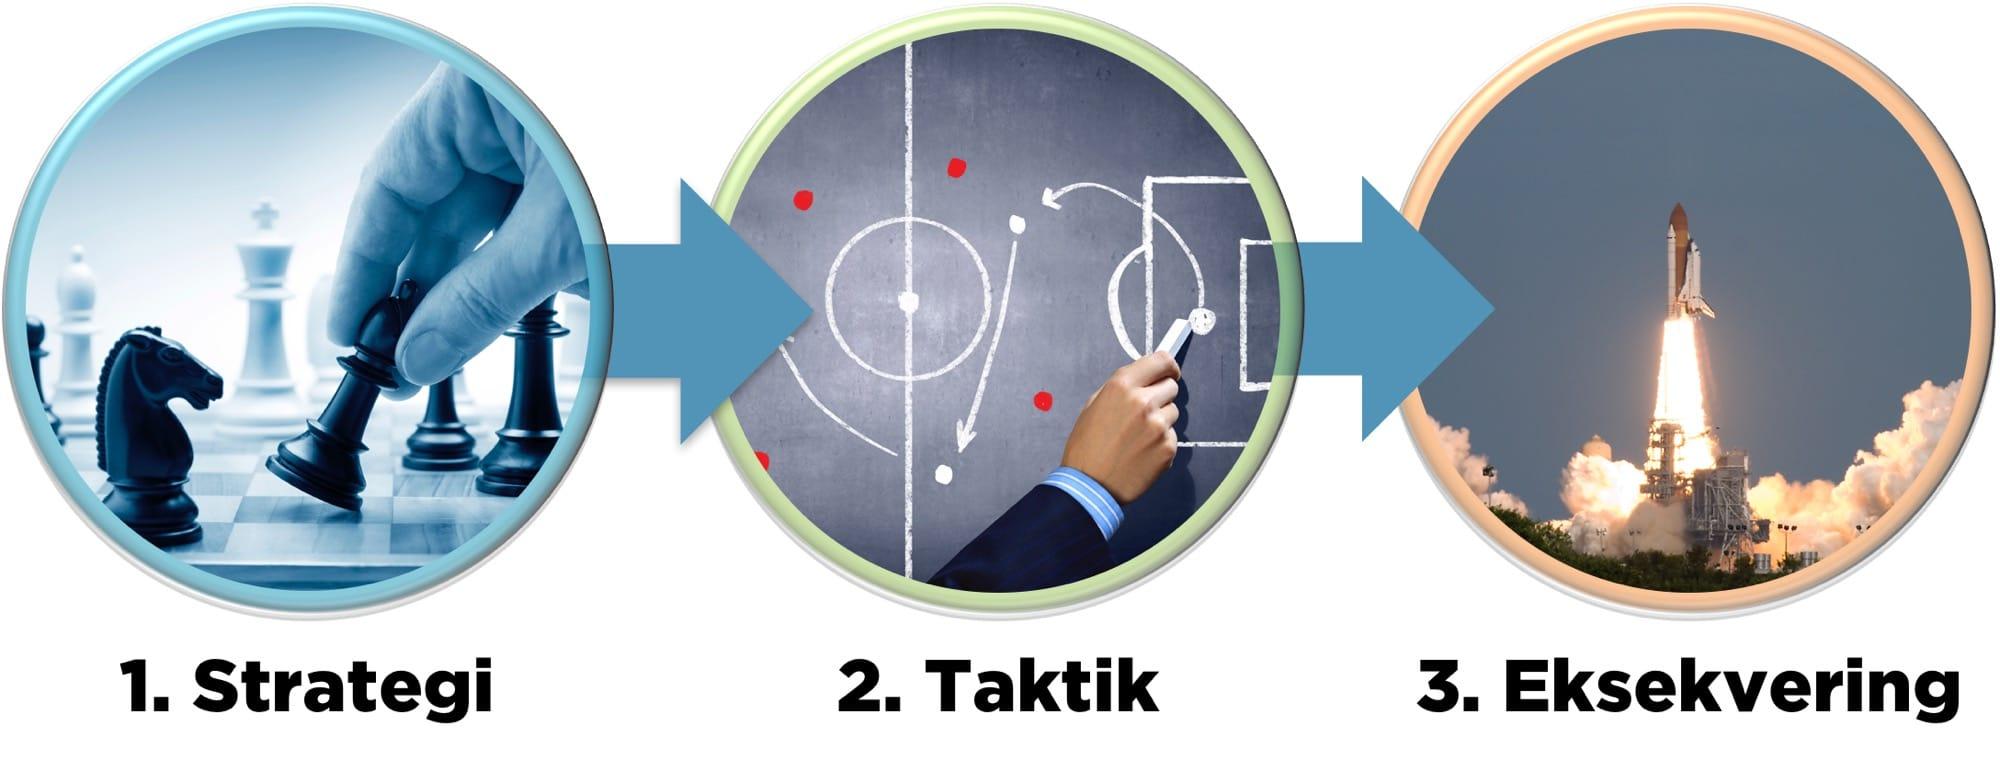 Sådan udarbejder du en plan for strategi, taktik og eksekvering når det gælder social selling